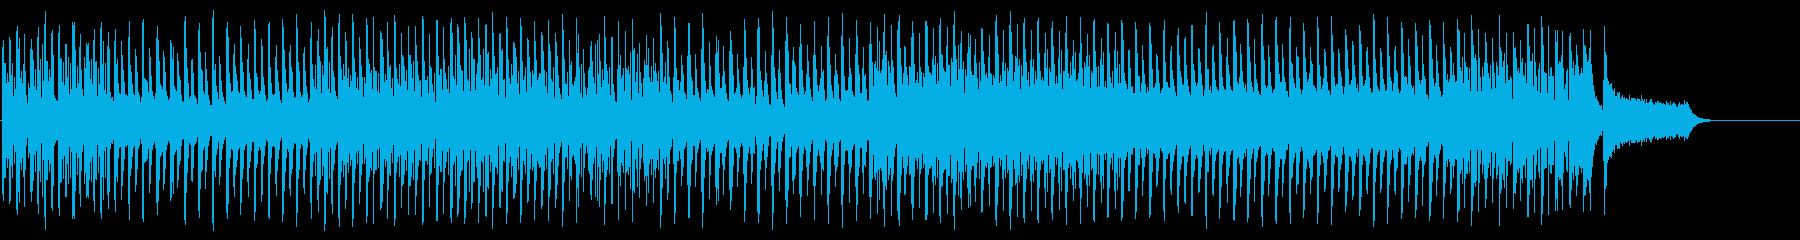 映画風ポップ/マーチ/マイナーの再生済みの波形